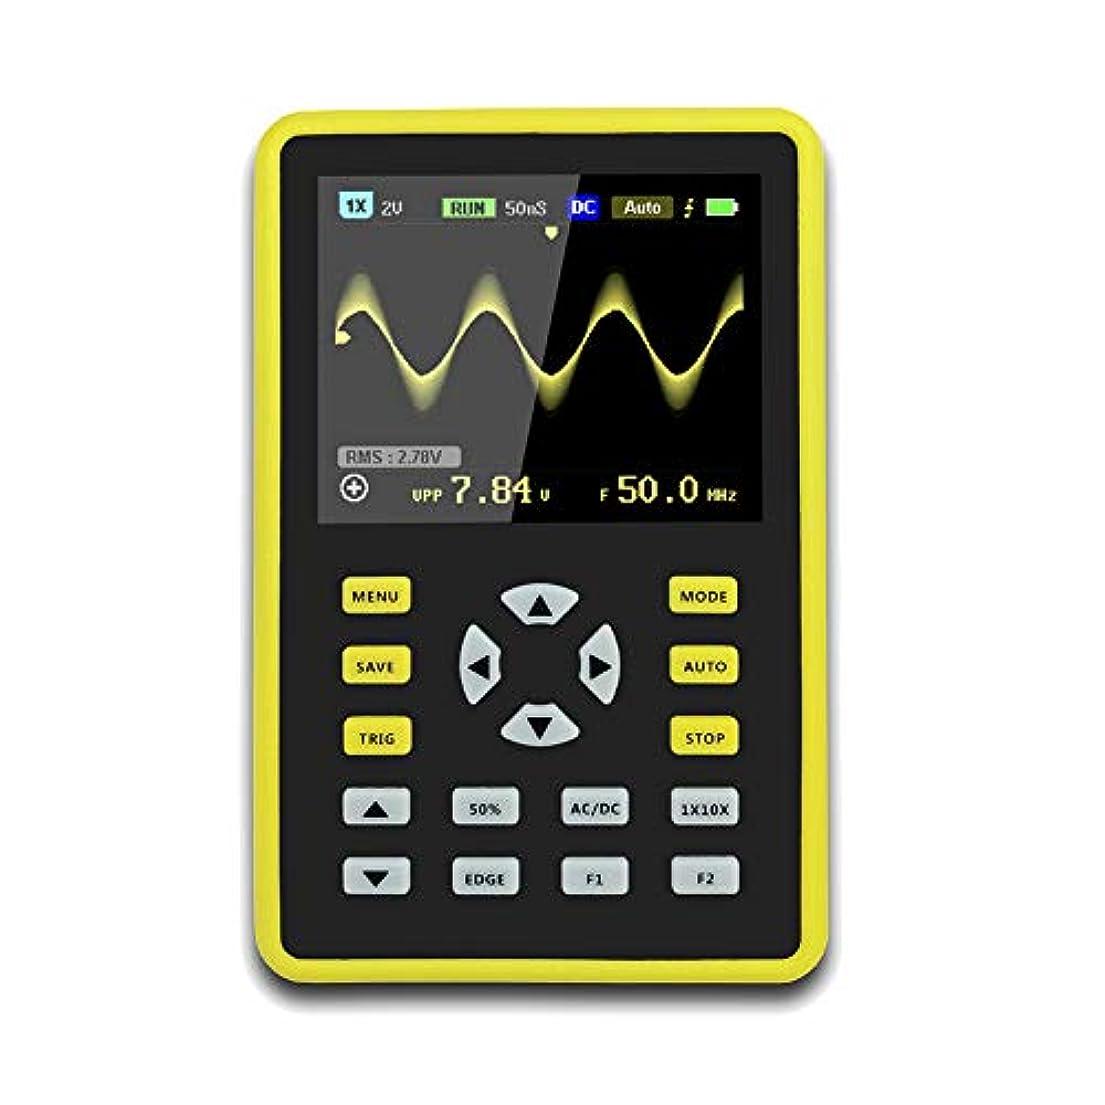 造船傘用語集Funtoget  手持ち型デジタル小型オシロスコープ2.4インチ500 MS/s IPS LCD表示スクリーンの携帯用